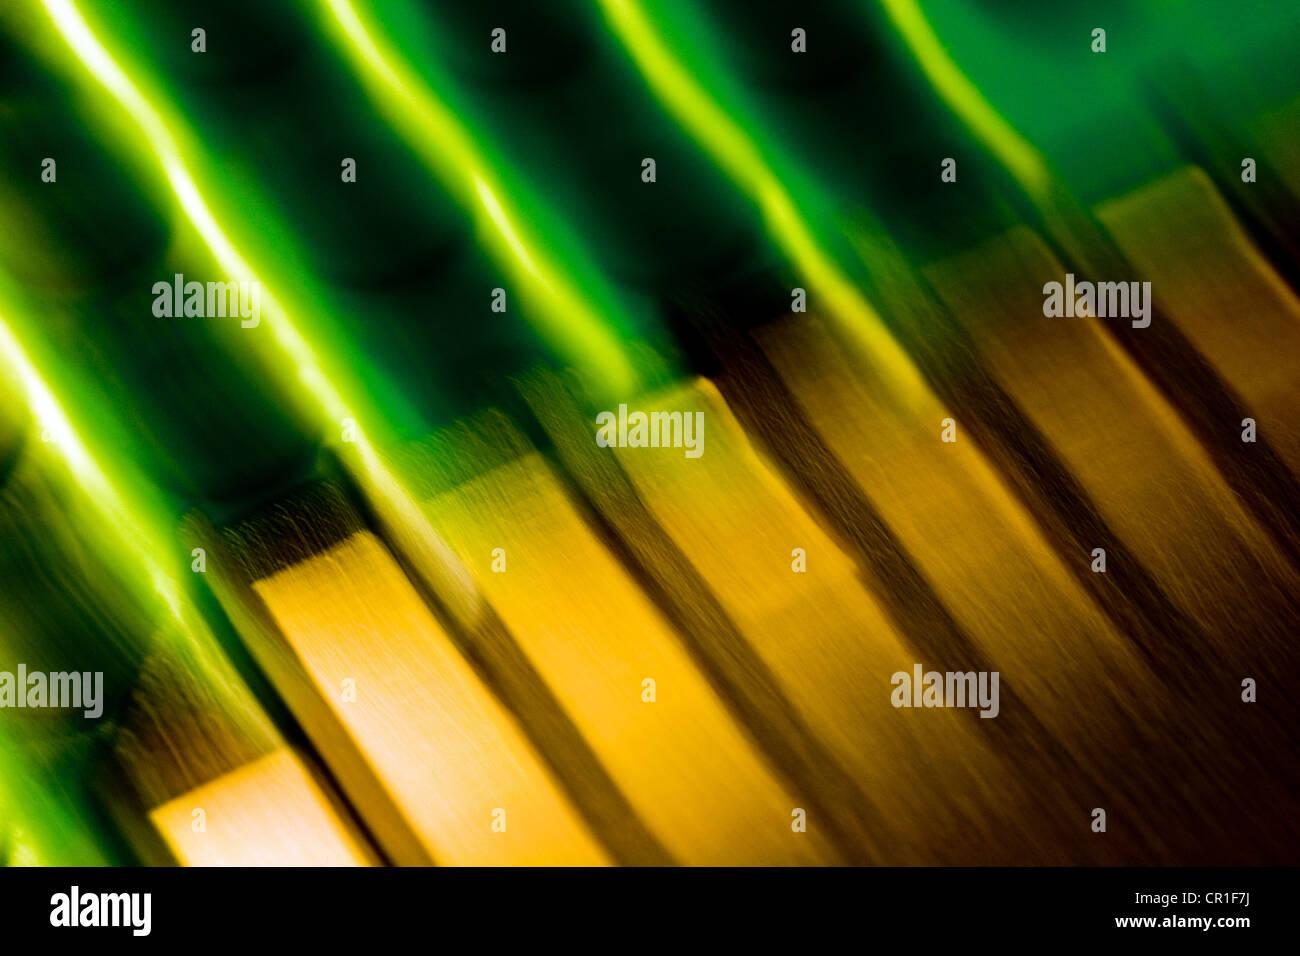 Contatti elettronici, astratta Immagine ripresa con elevato ingrandimento Lenti macro. Immagini Stock